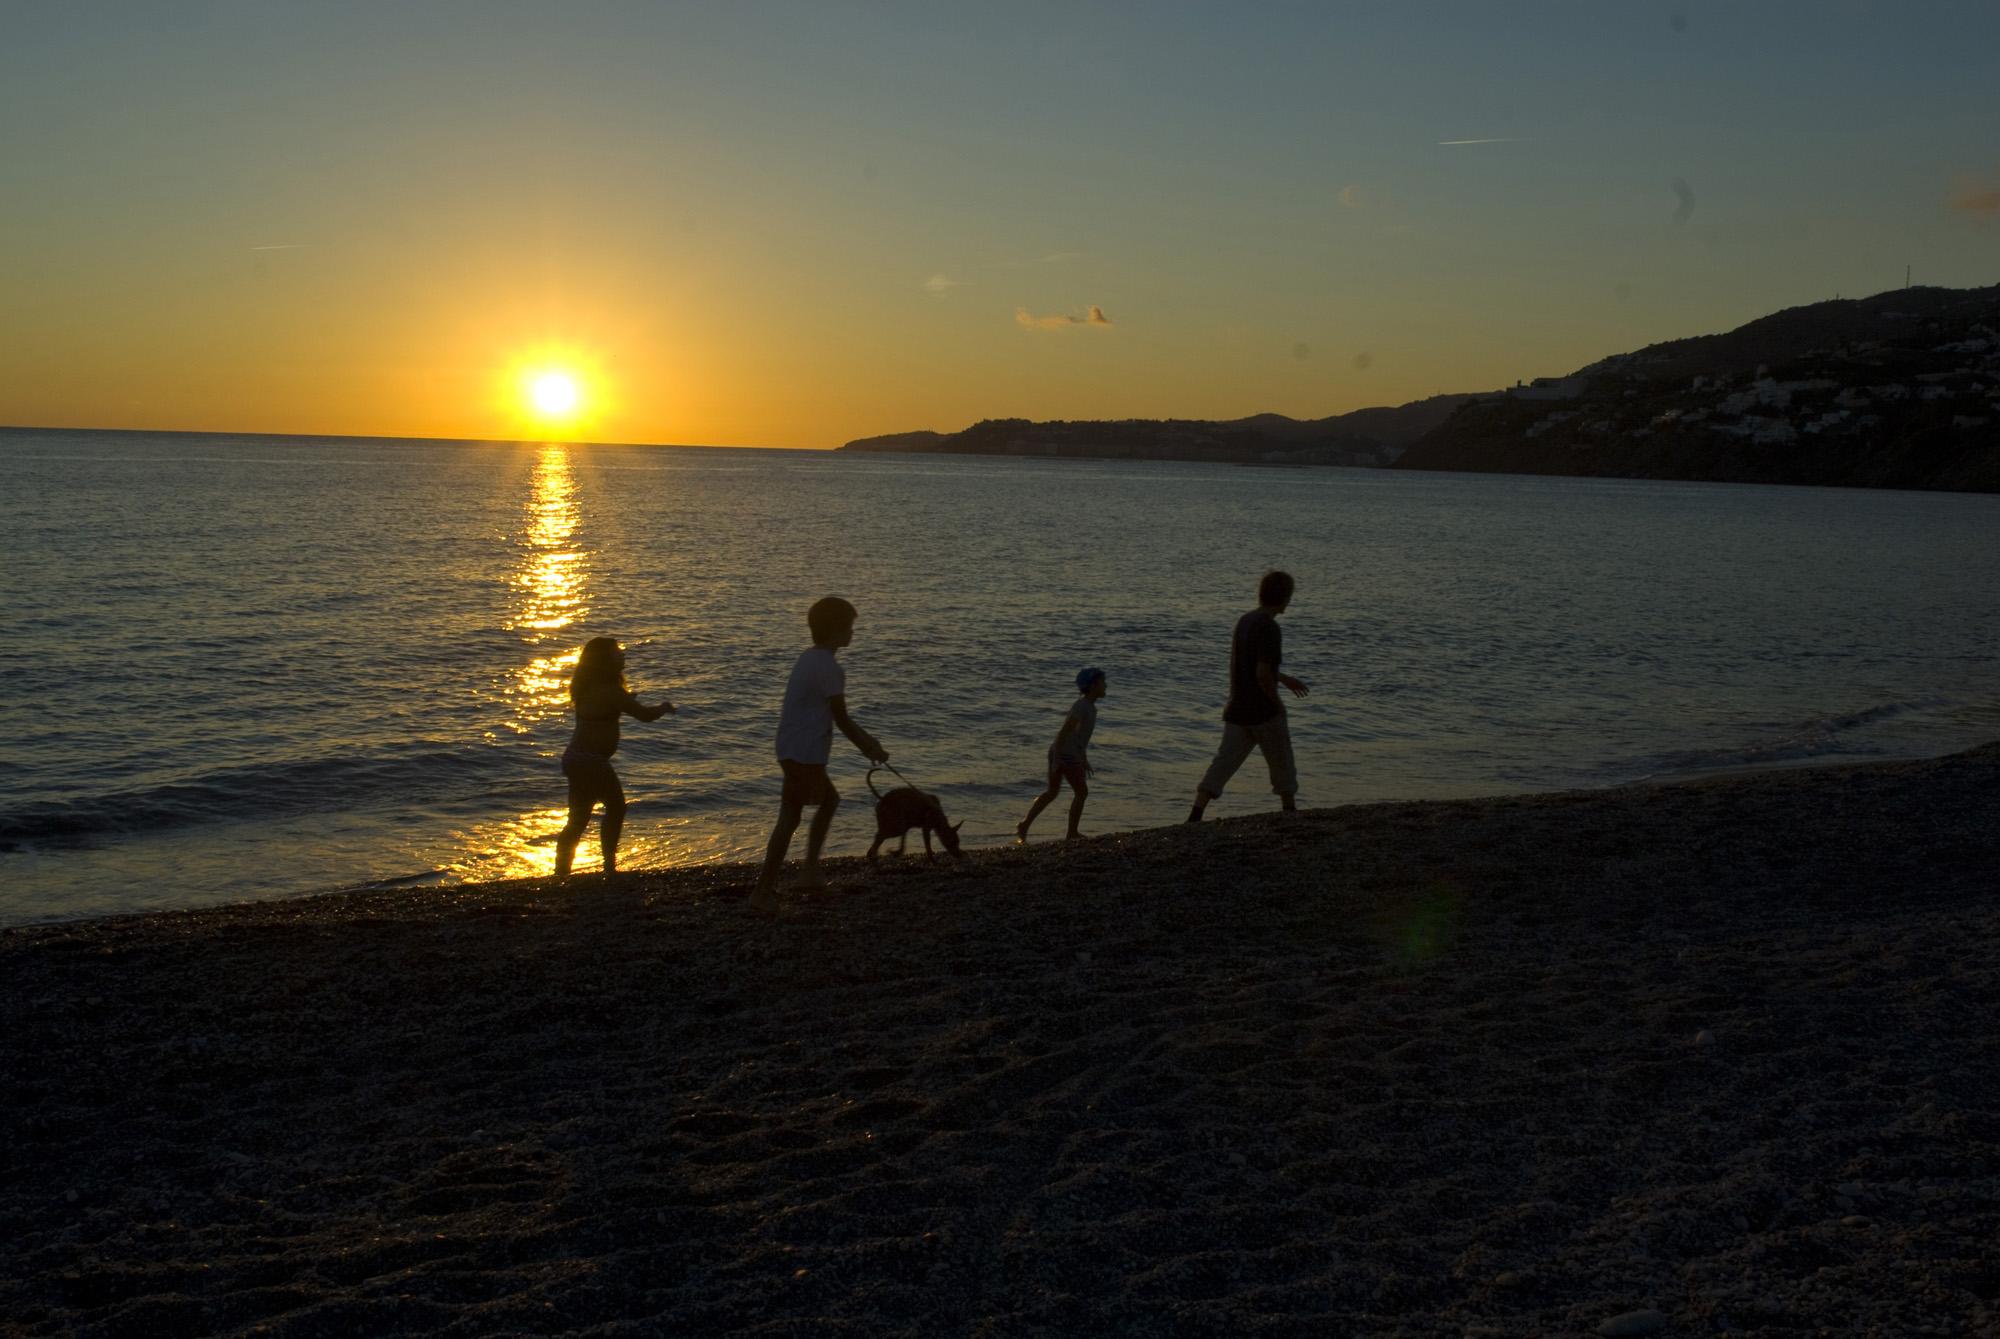 Un paseo en familia al atardecer por la Playa de La Guardia-Salobreña-Granada